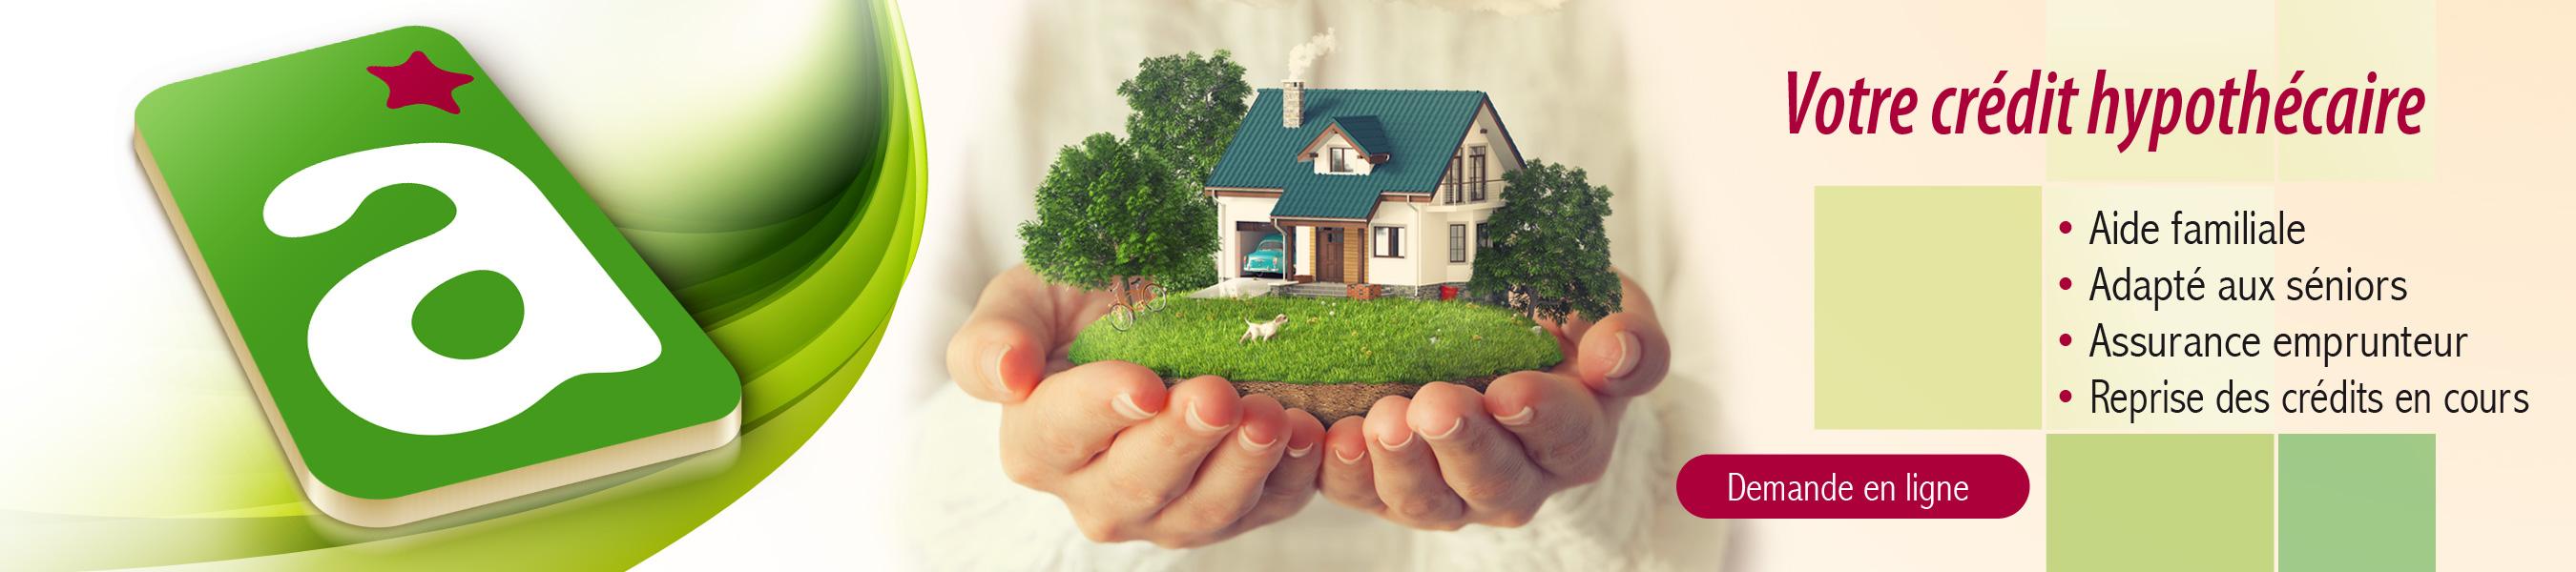 Grâce au crédit hypothécaire, faites reprendre vos crédits en cours pour obtenir de la trésorerie